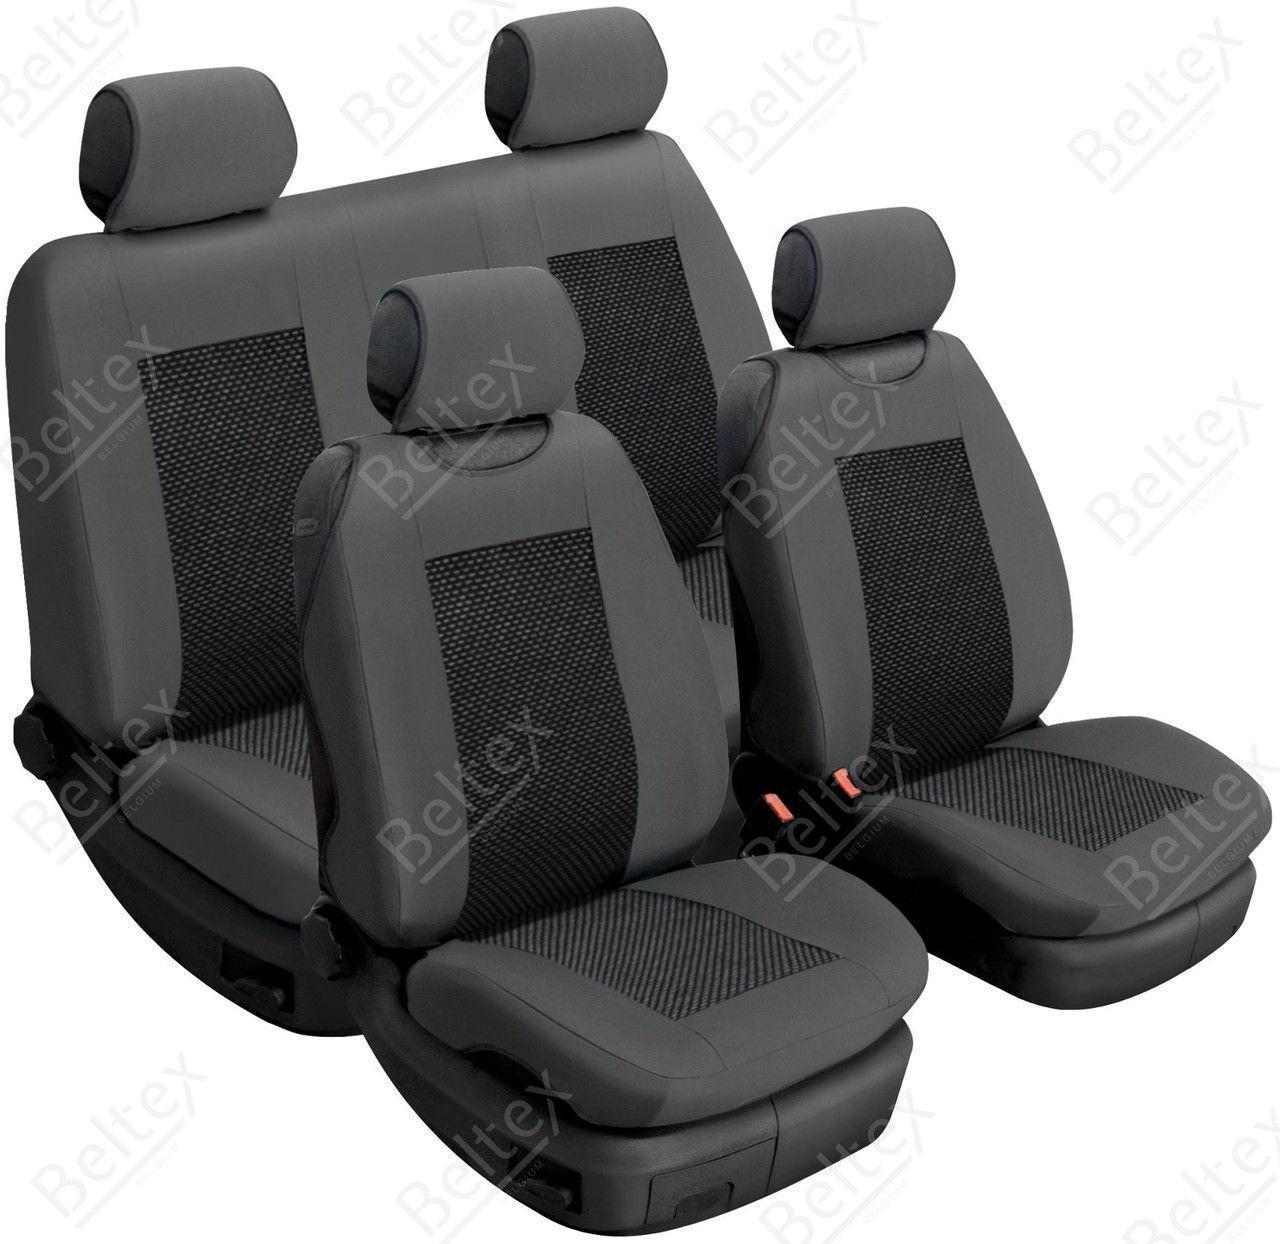 Майки/чехлы на сиденья Фиат 500 Х (Fiat 500 X)